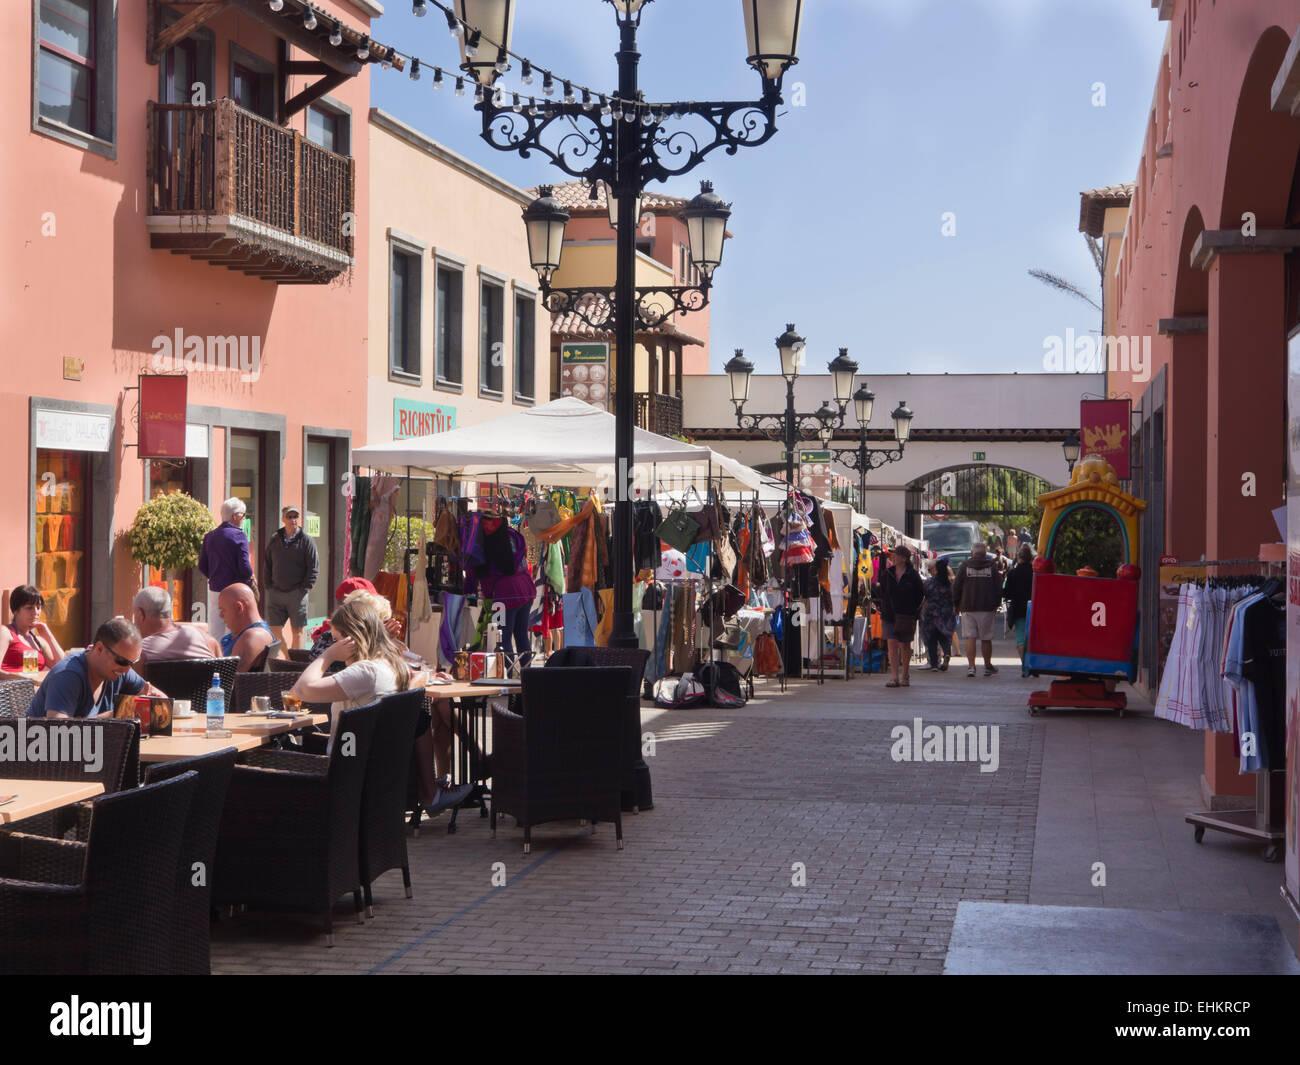 Samstagsmarkt in Corralejo auf Fuerteventura Kanaren Spanien, modernes Einkaufszentrum, Flohmarkt und Restaurants Stockbild